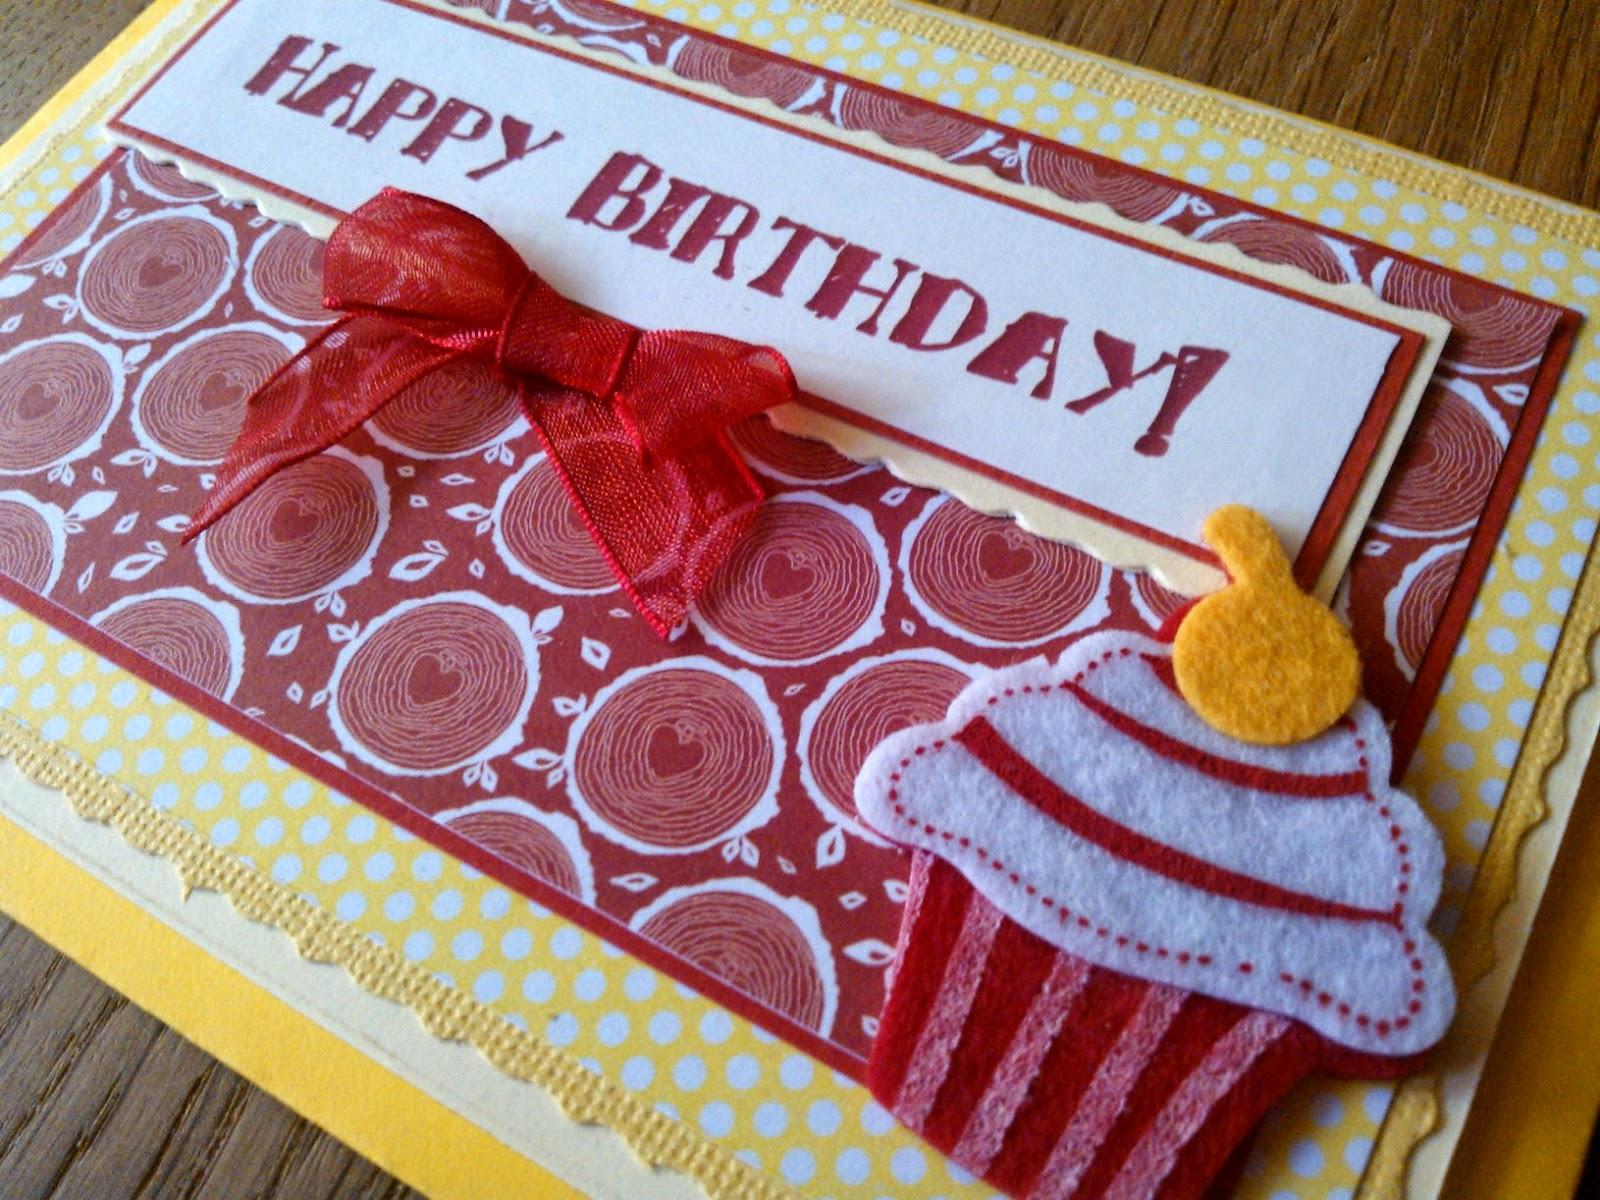 papier u00f3wka  kartki urodzinowe dla ch u0142opc u00f3w i dziewczynek